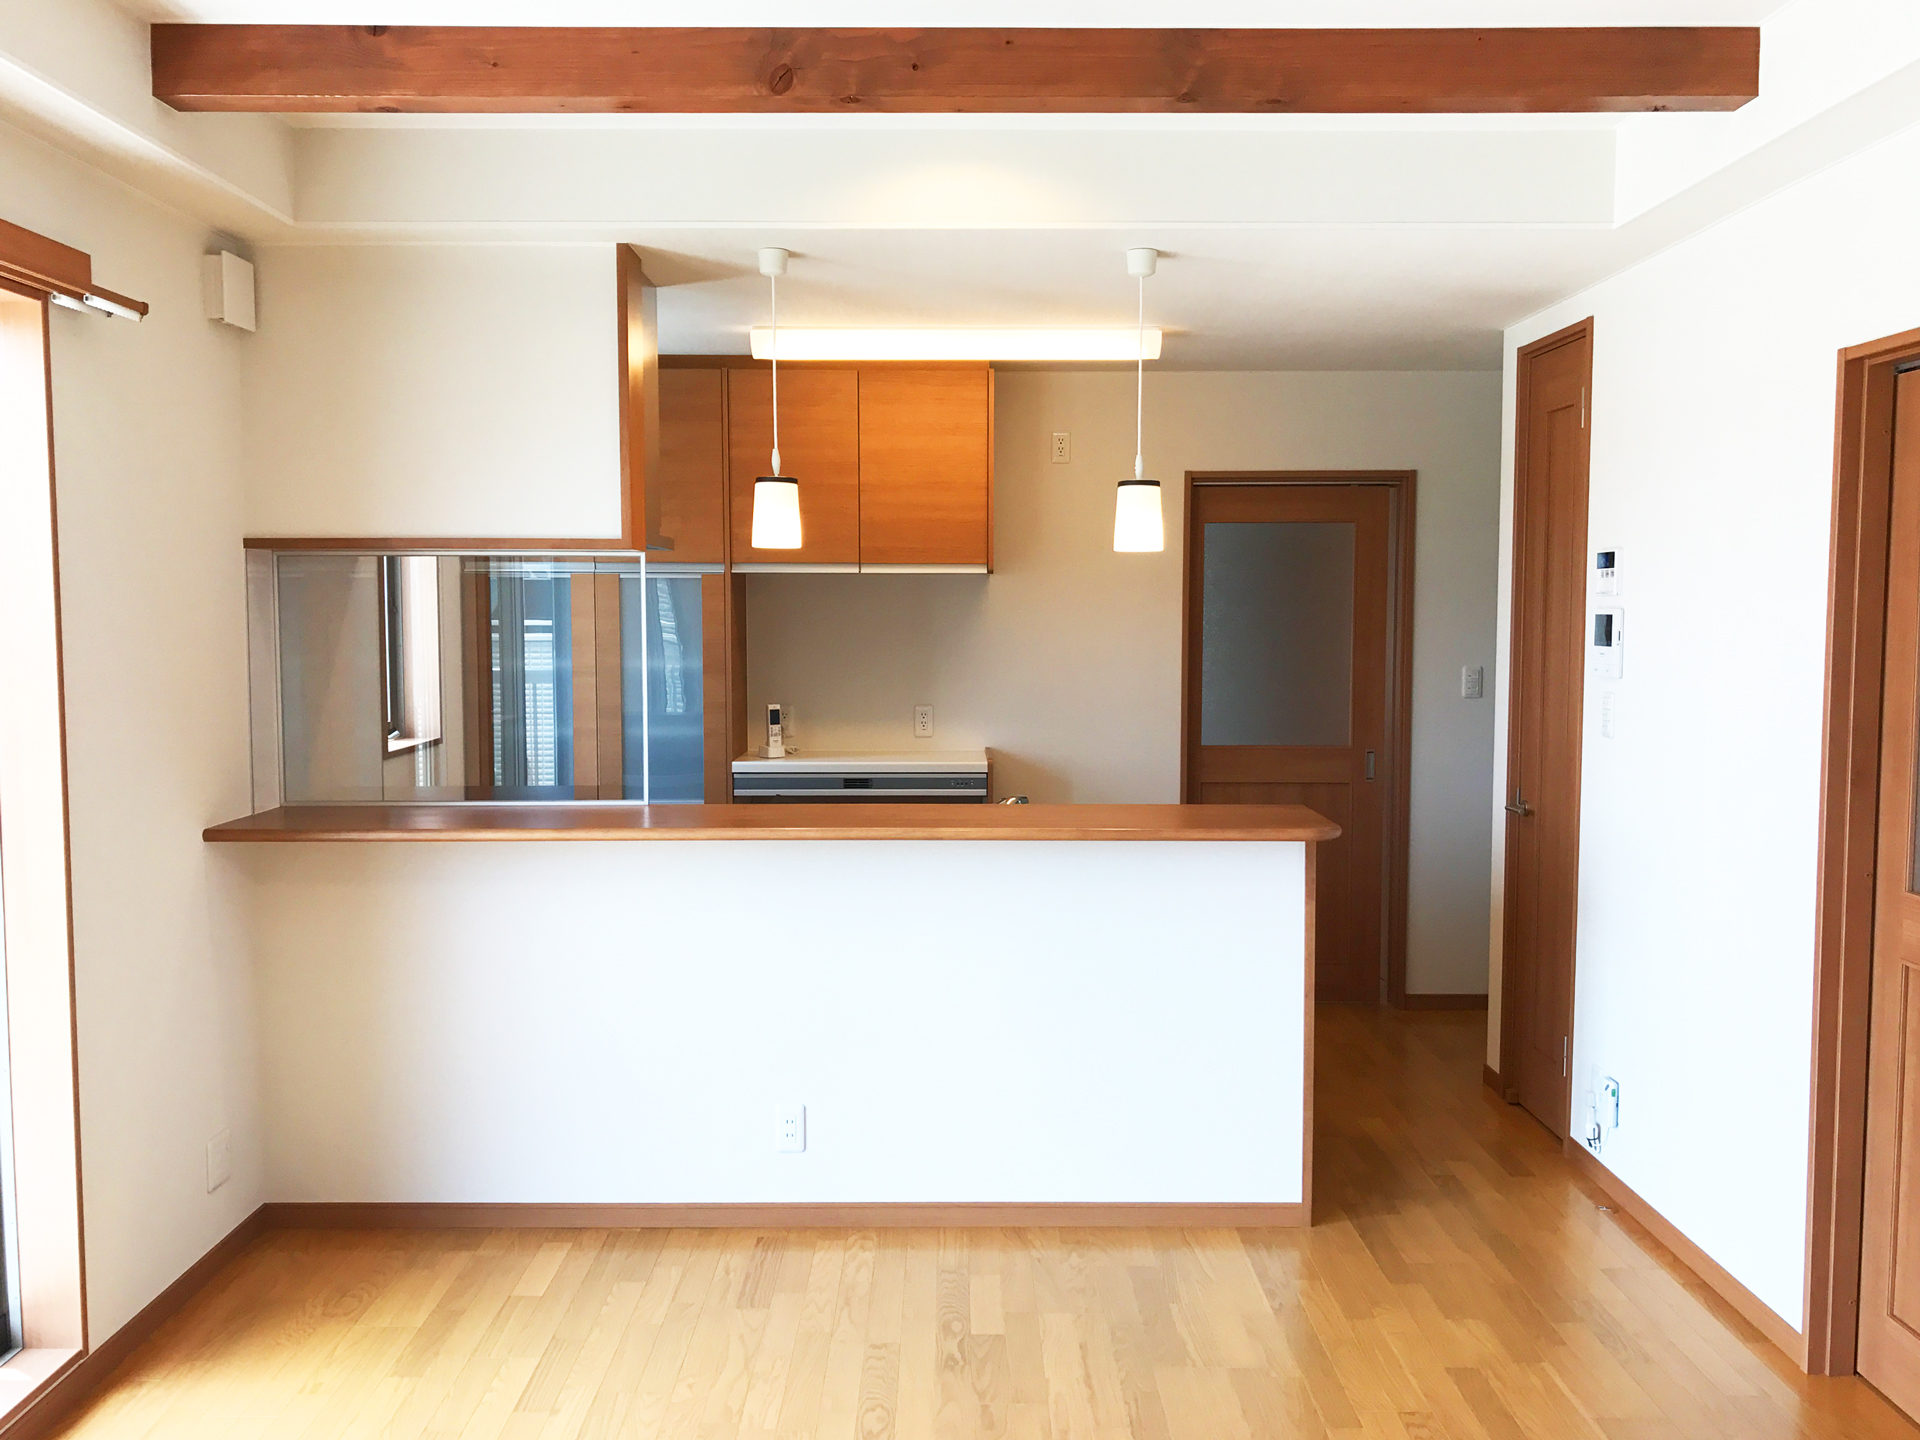 設計・デザインをした店舗(鍼灸接骨院)付き住宅のLDK